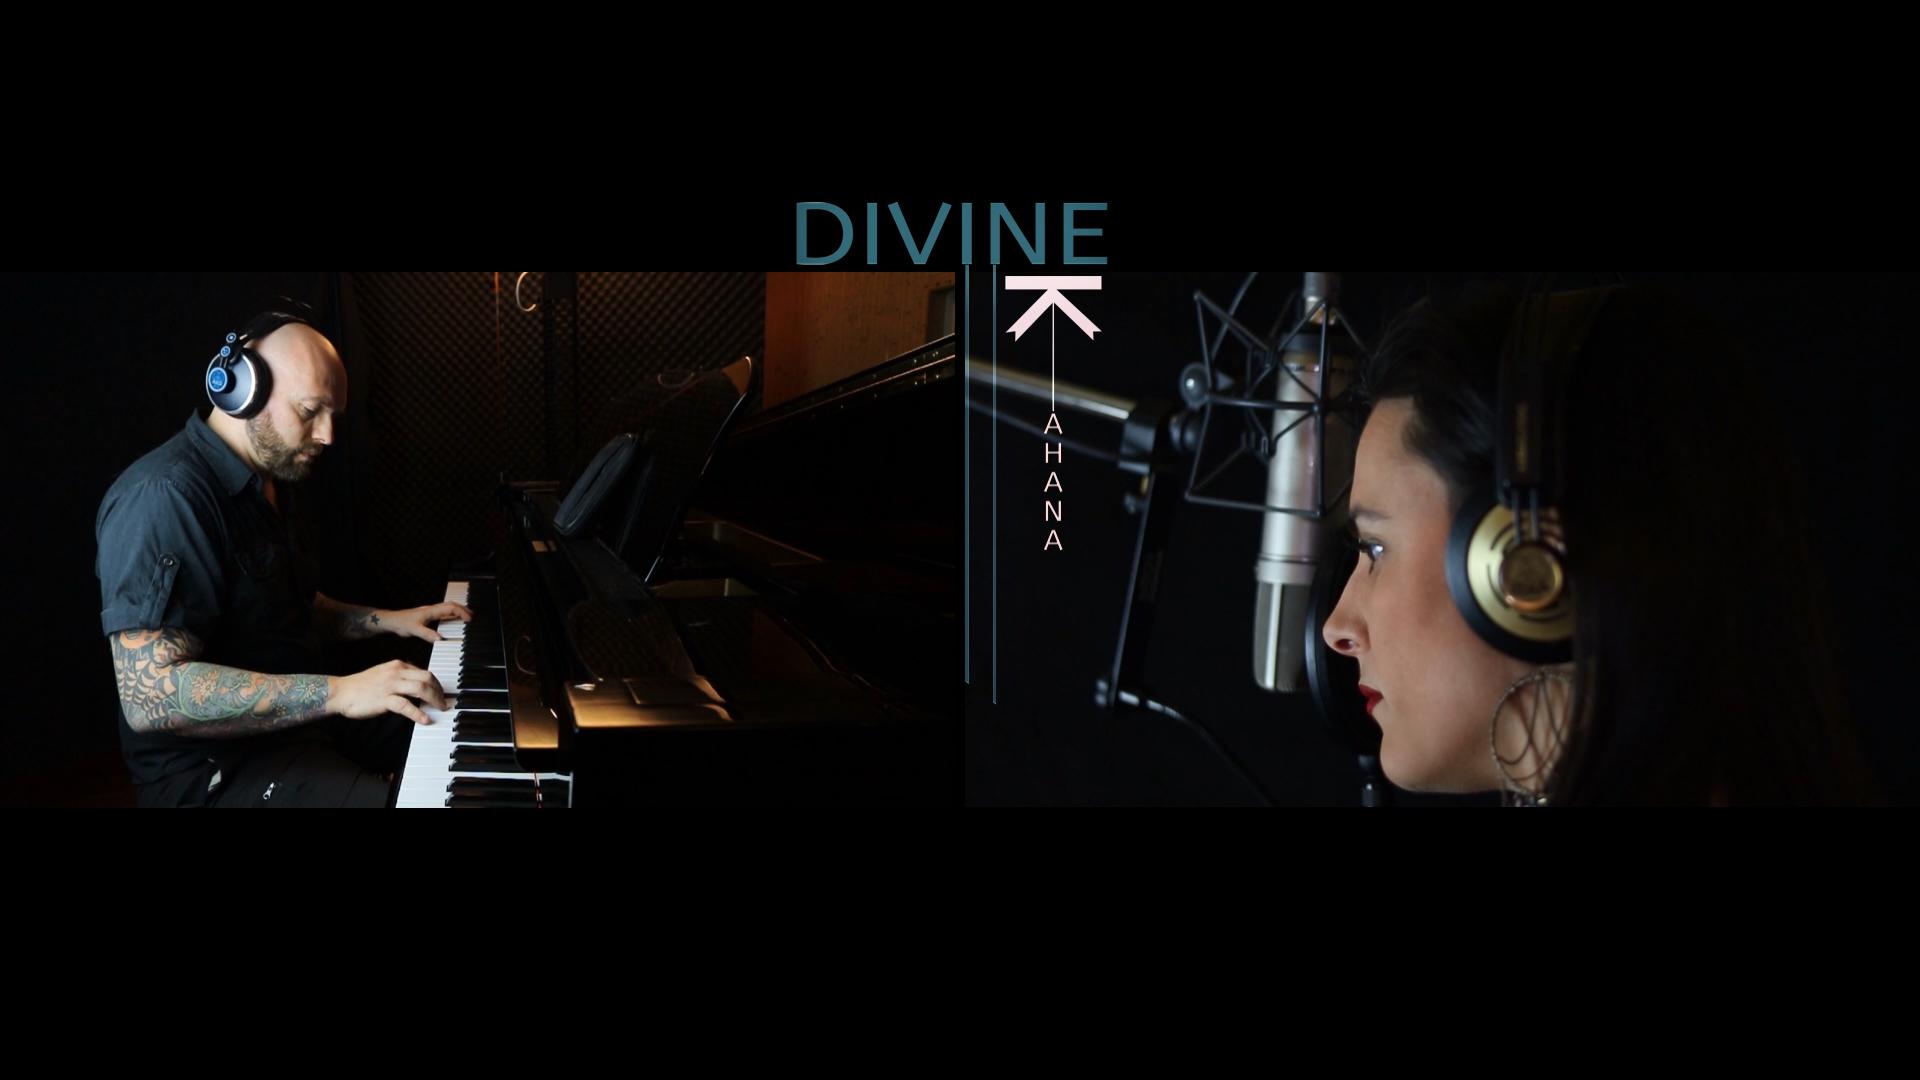 DIVINE K studio